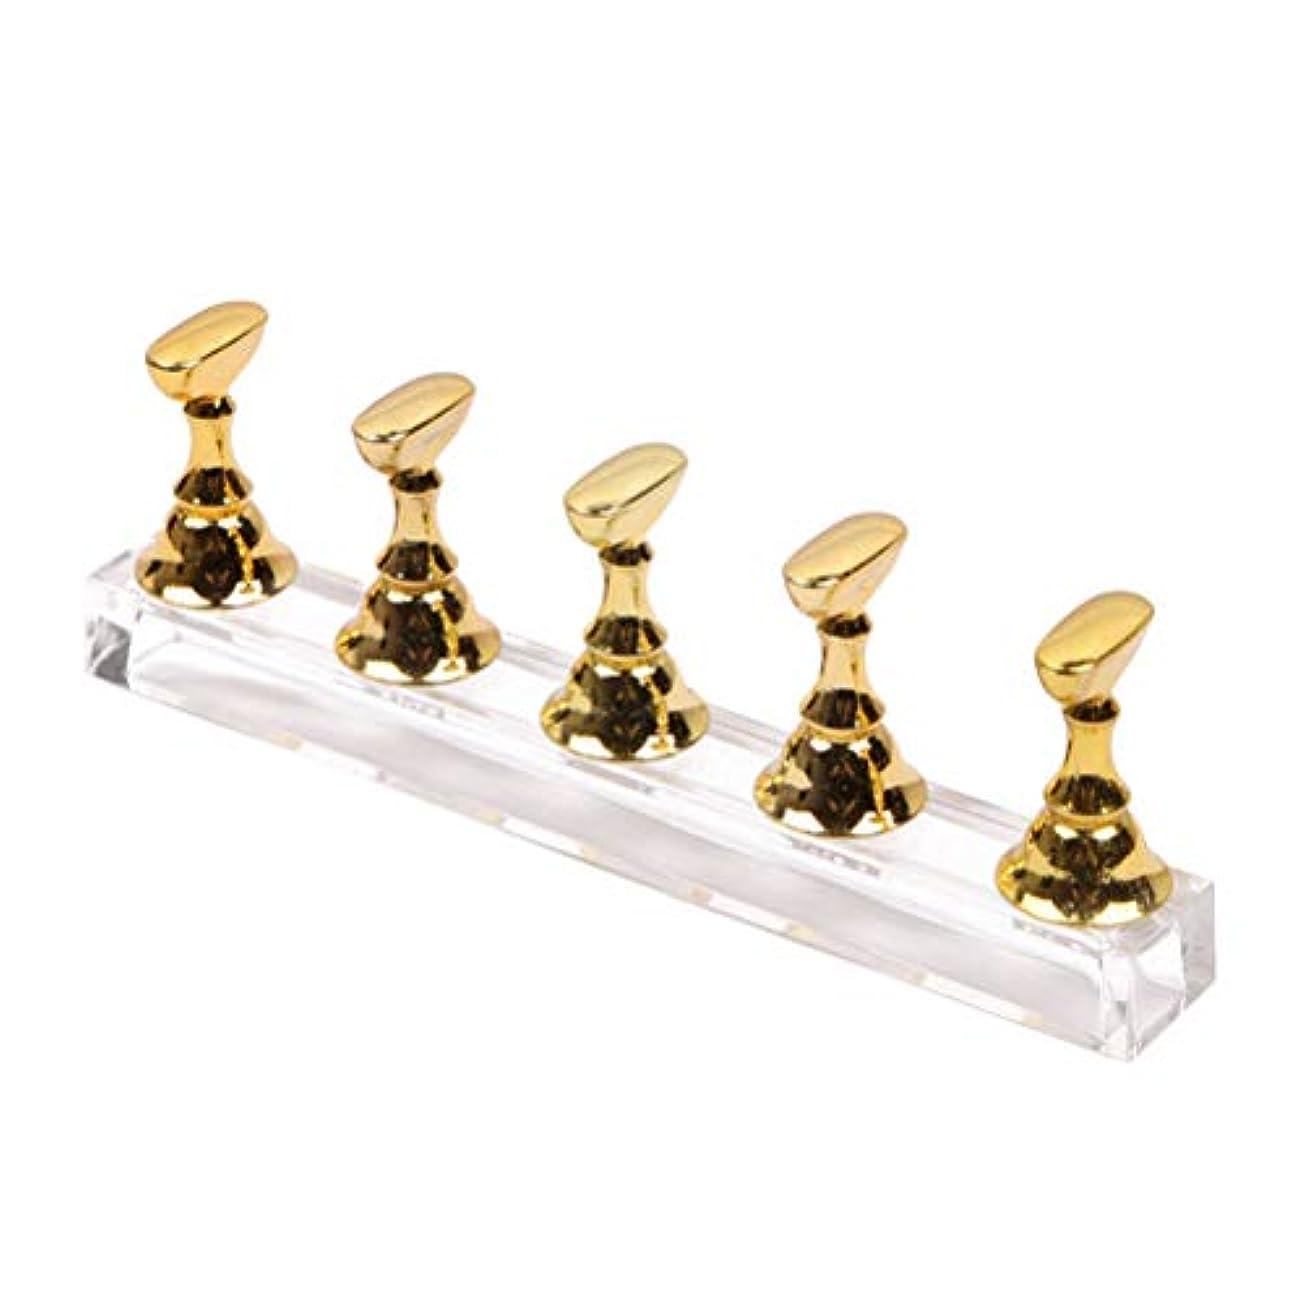 フェッチ葬儀ブラウザFrcolor ネイルチップスタンド ディスプレイスタンド サンプルチップ ネイルアート道具 磁気 練習用 5本セット(ゴールデン)